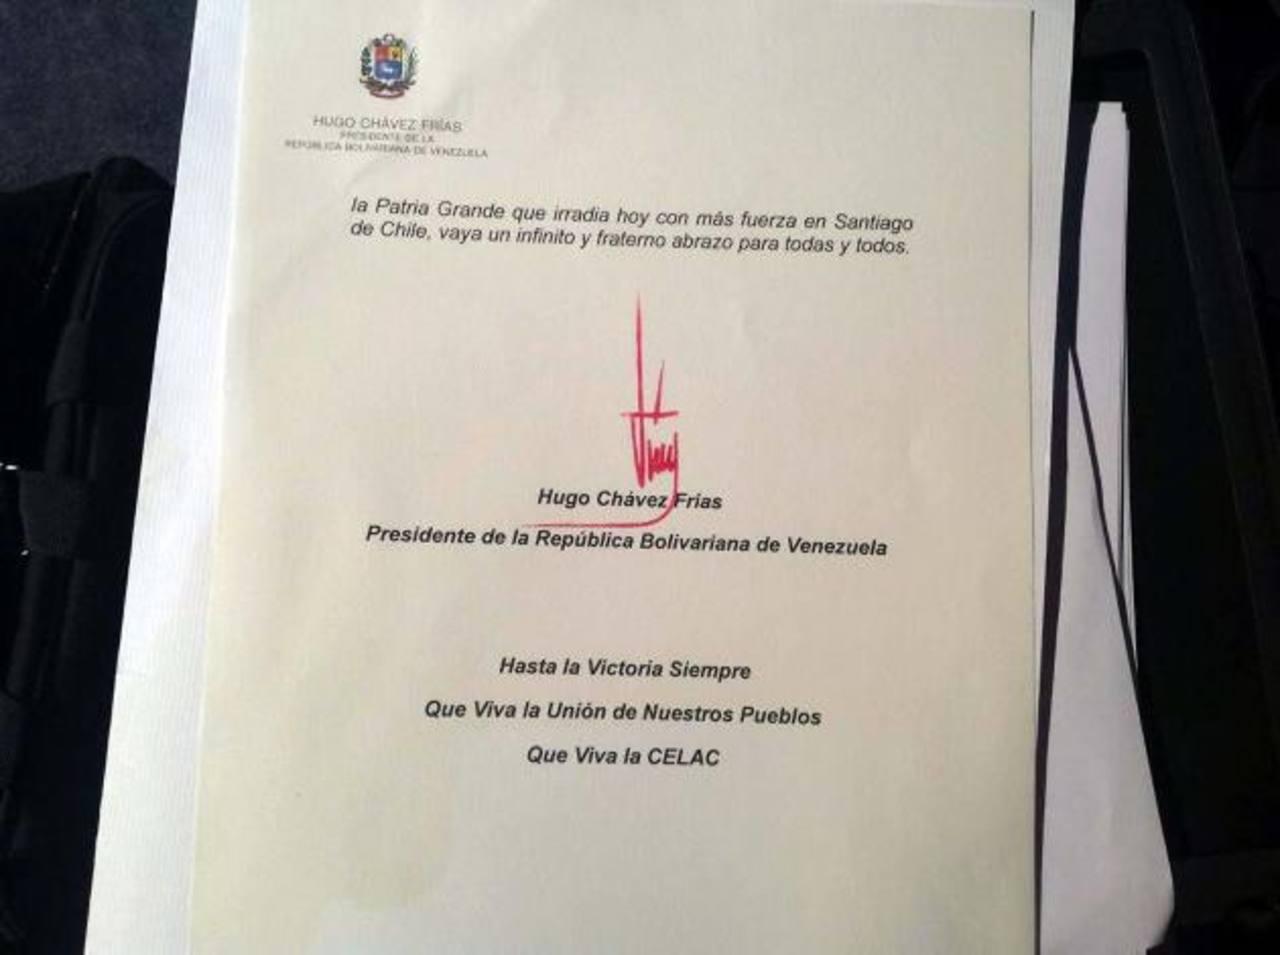 La carta de Hugo Chávez, firmada con tinta roja, que fue leída por su vicepresidente, Nicolás Maduro, durante la Cumbre de la Celac. foto edh / efe